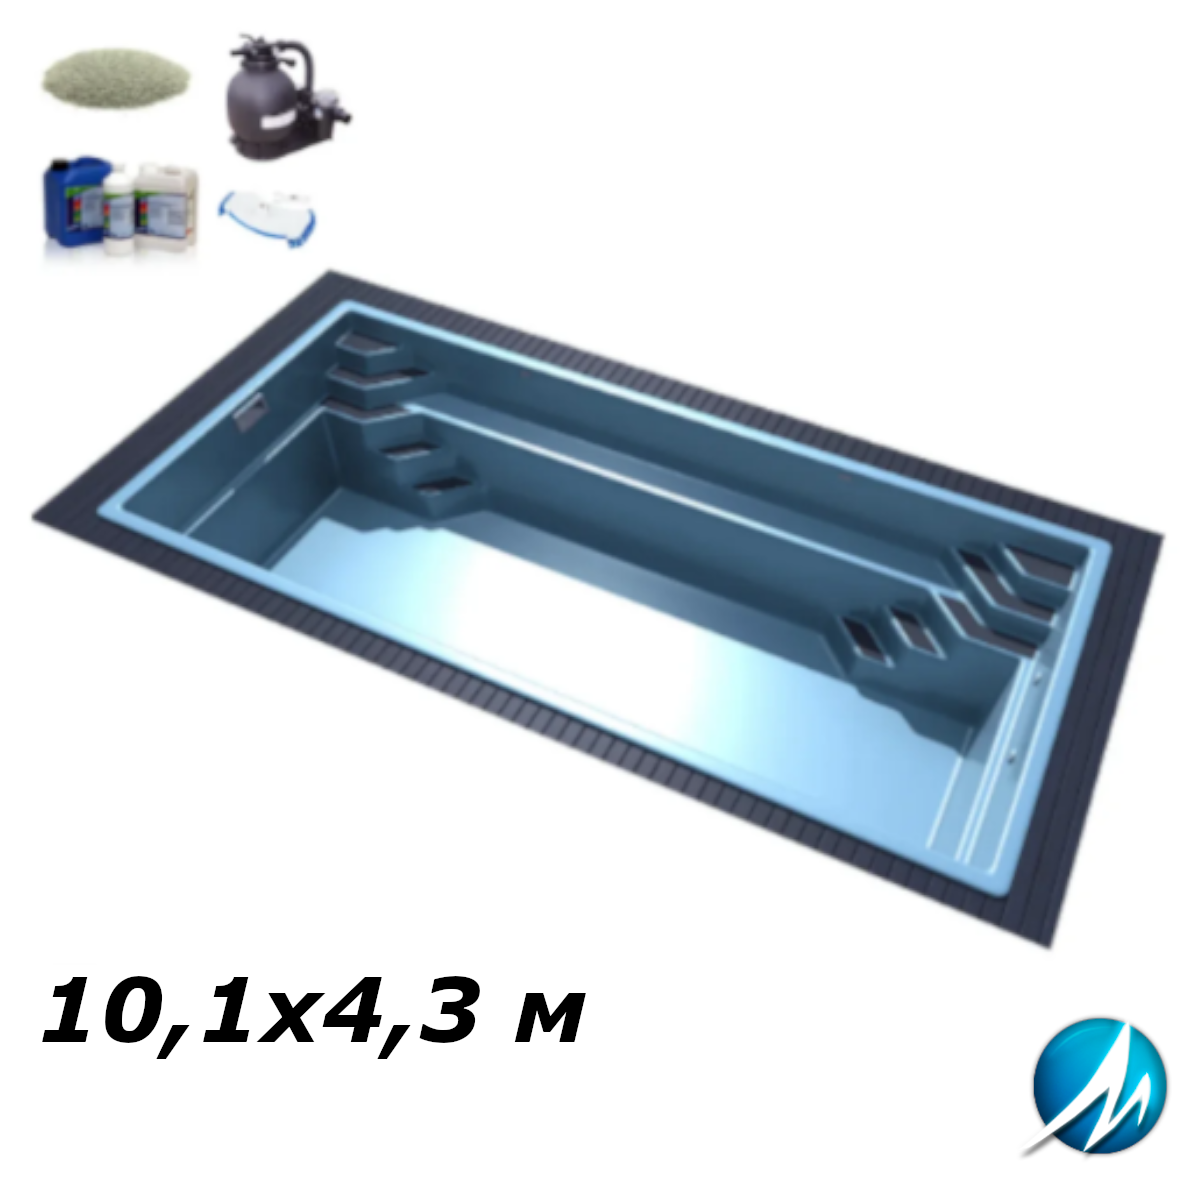 Комплект обладнання для скловолоконного басейну 10,1х4,3 м